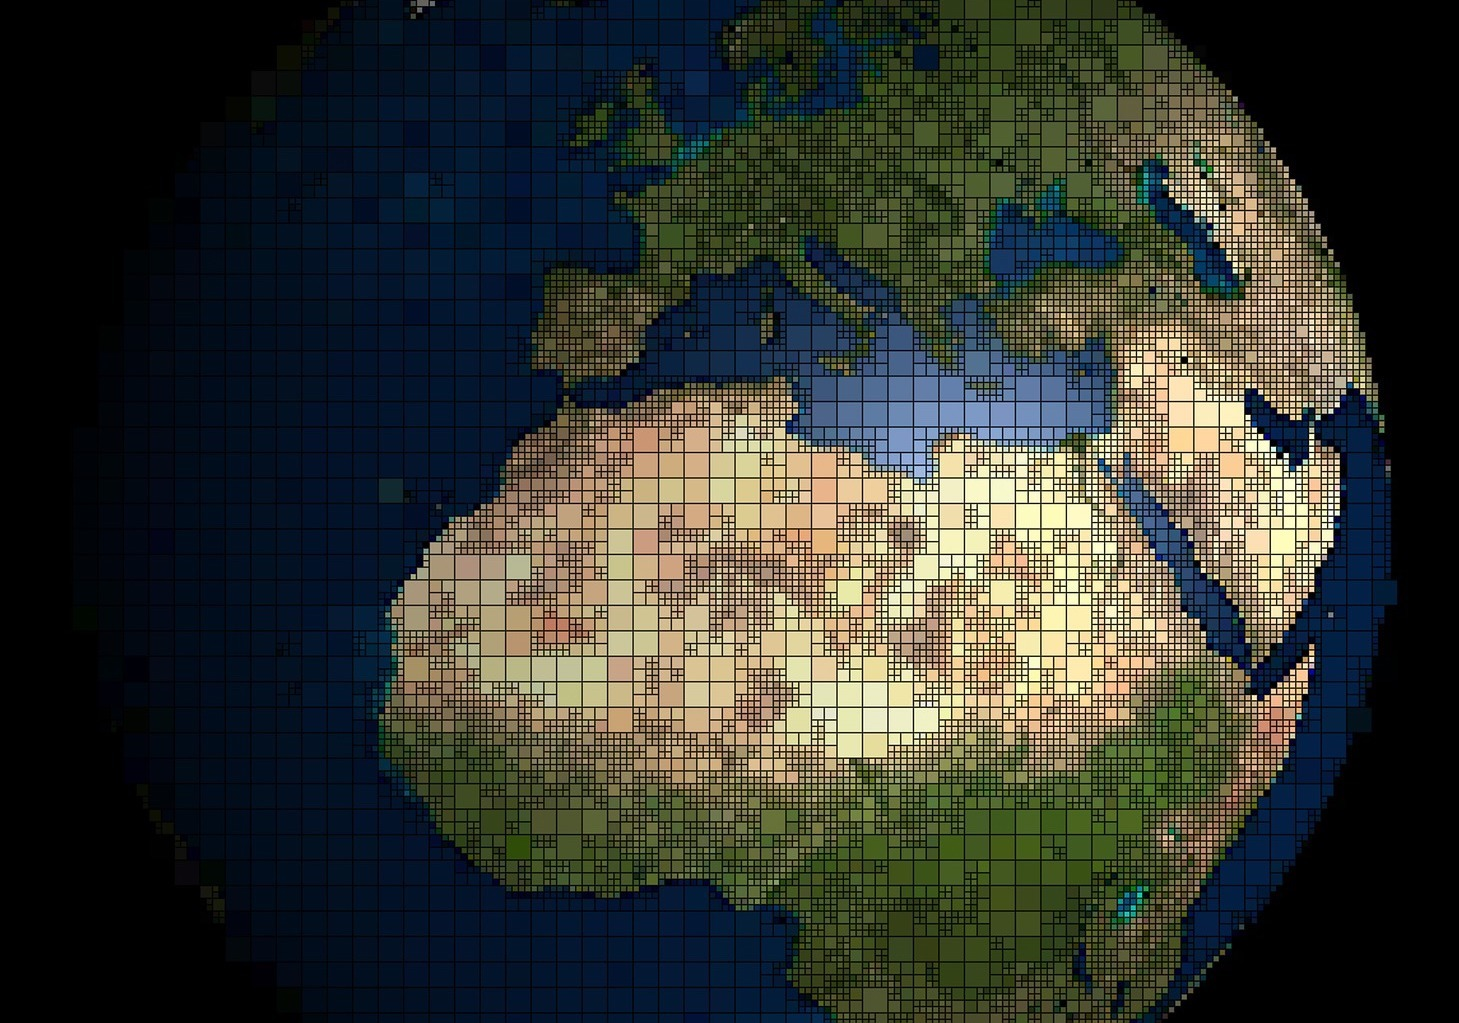 全球增長最快的10大電商市場,增速高達78%!